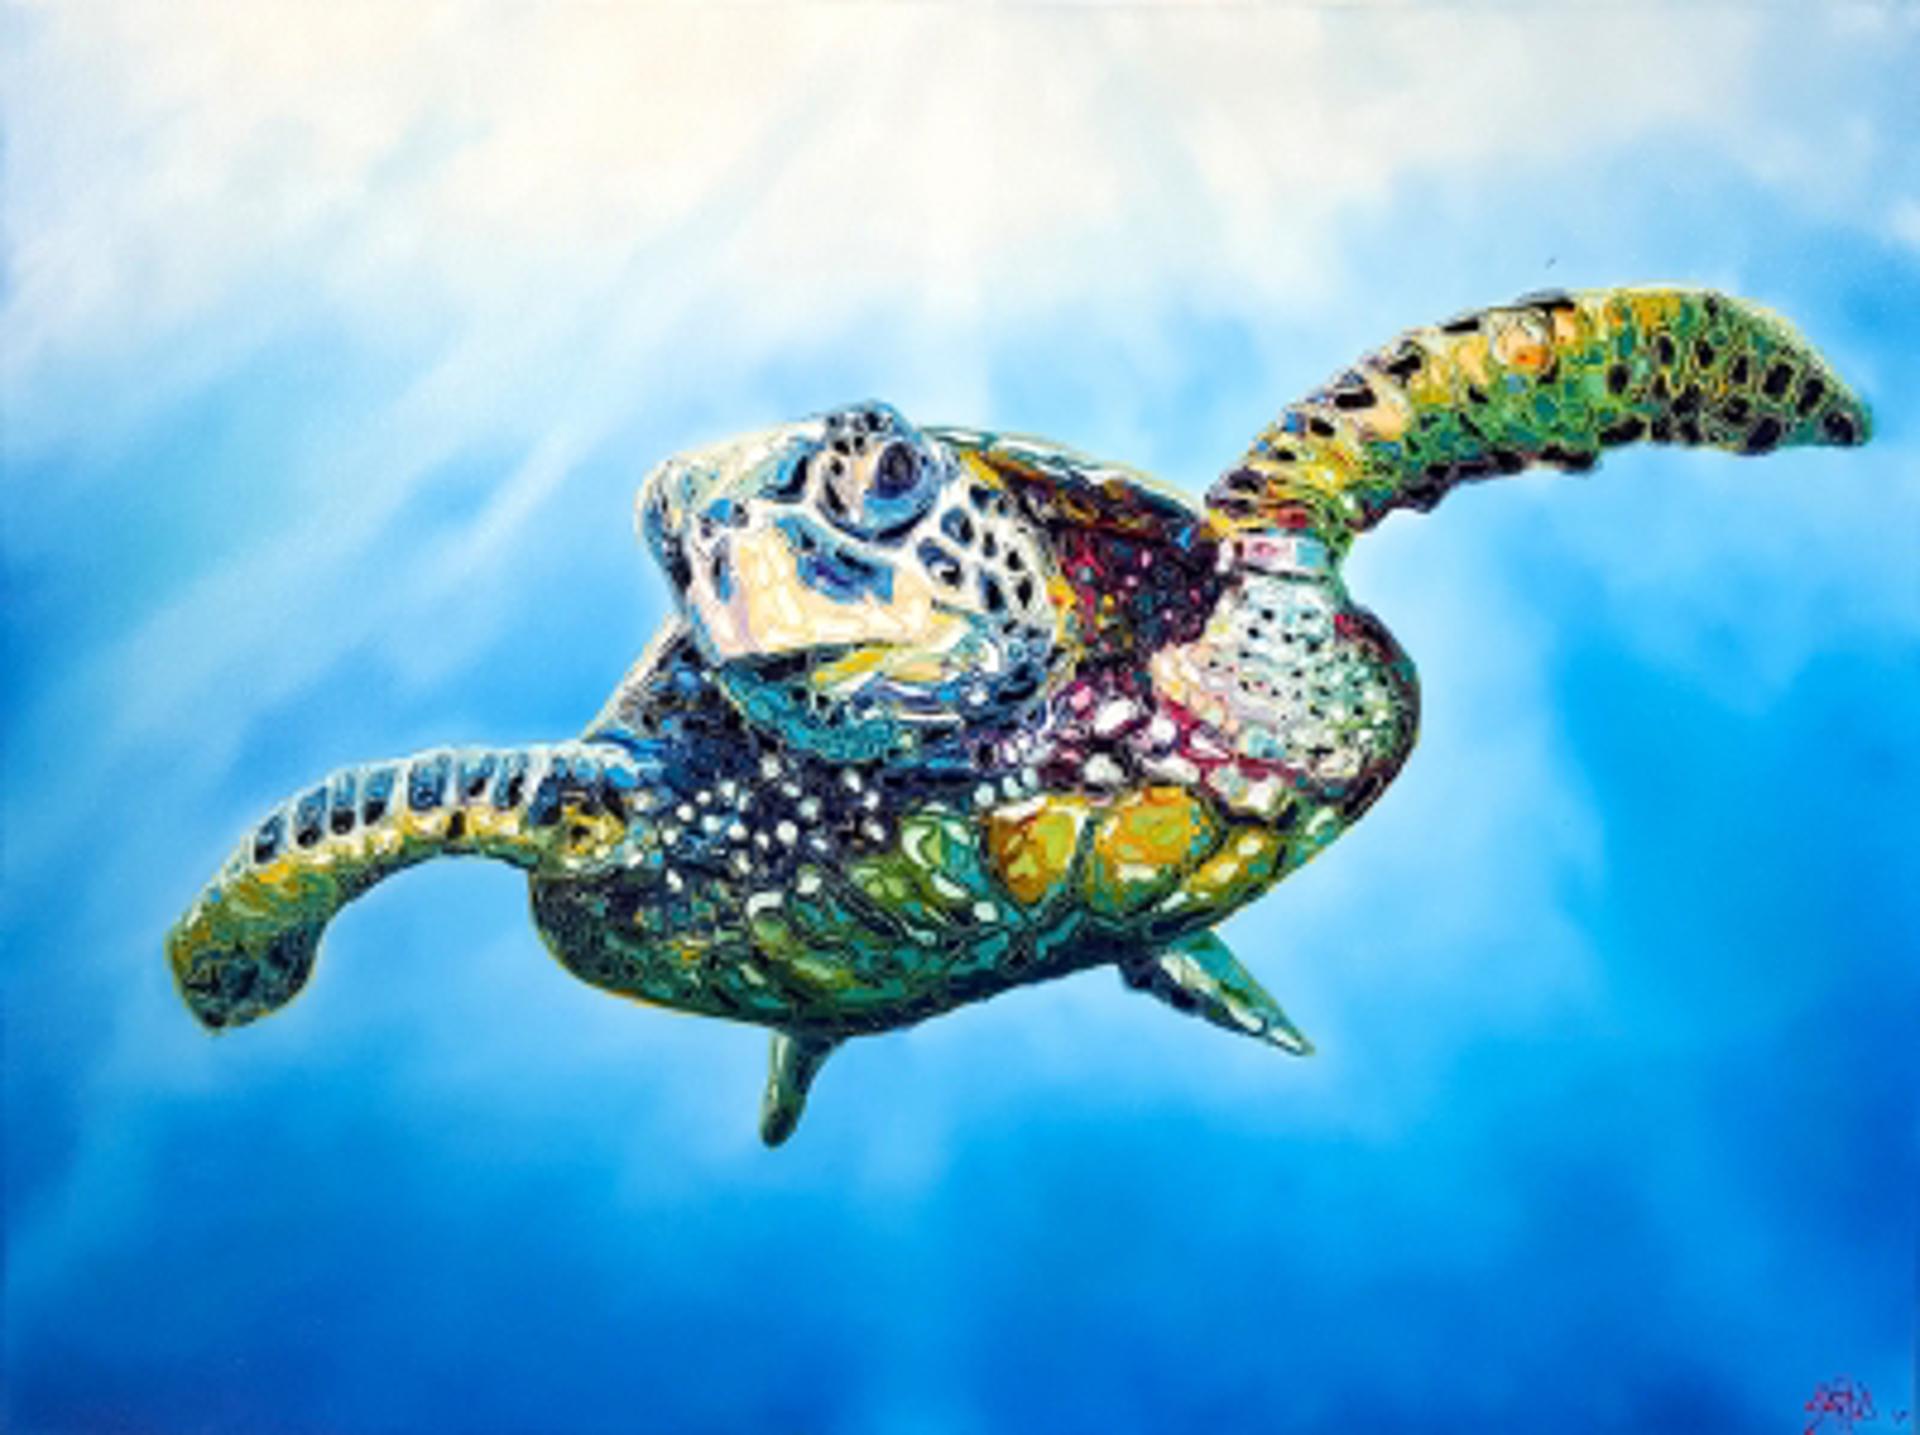 Diving In by Bradley Gordon